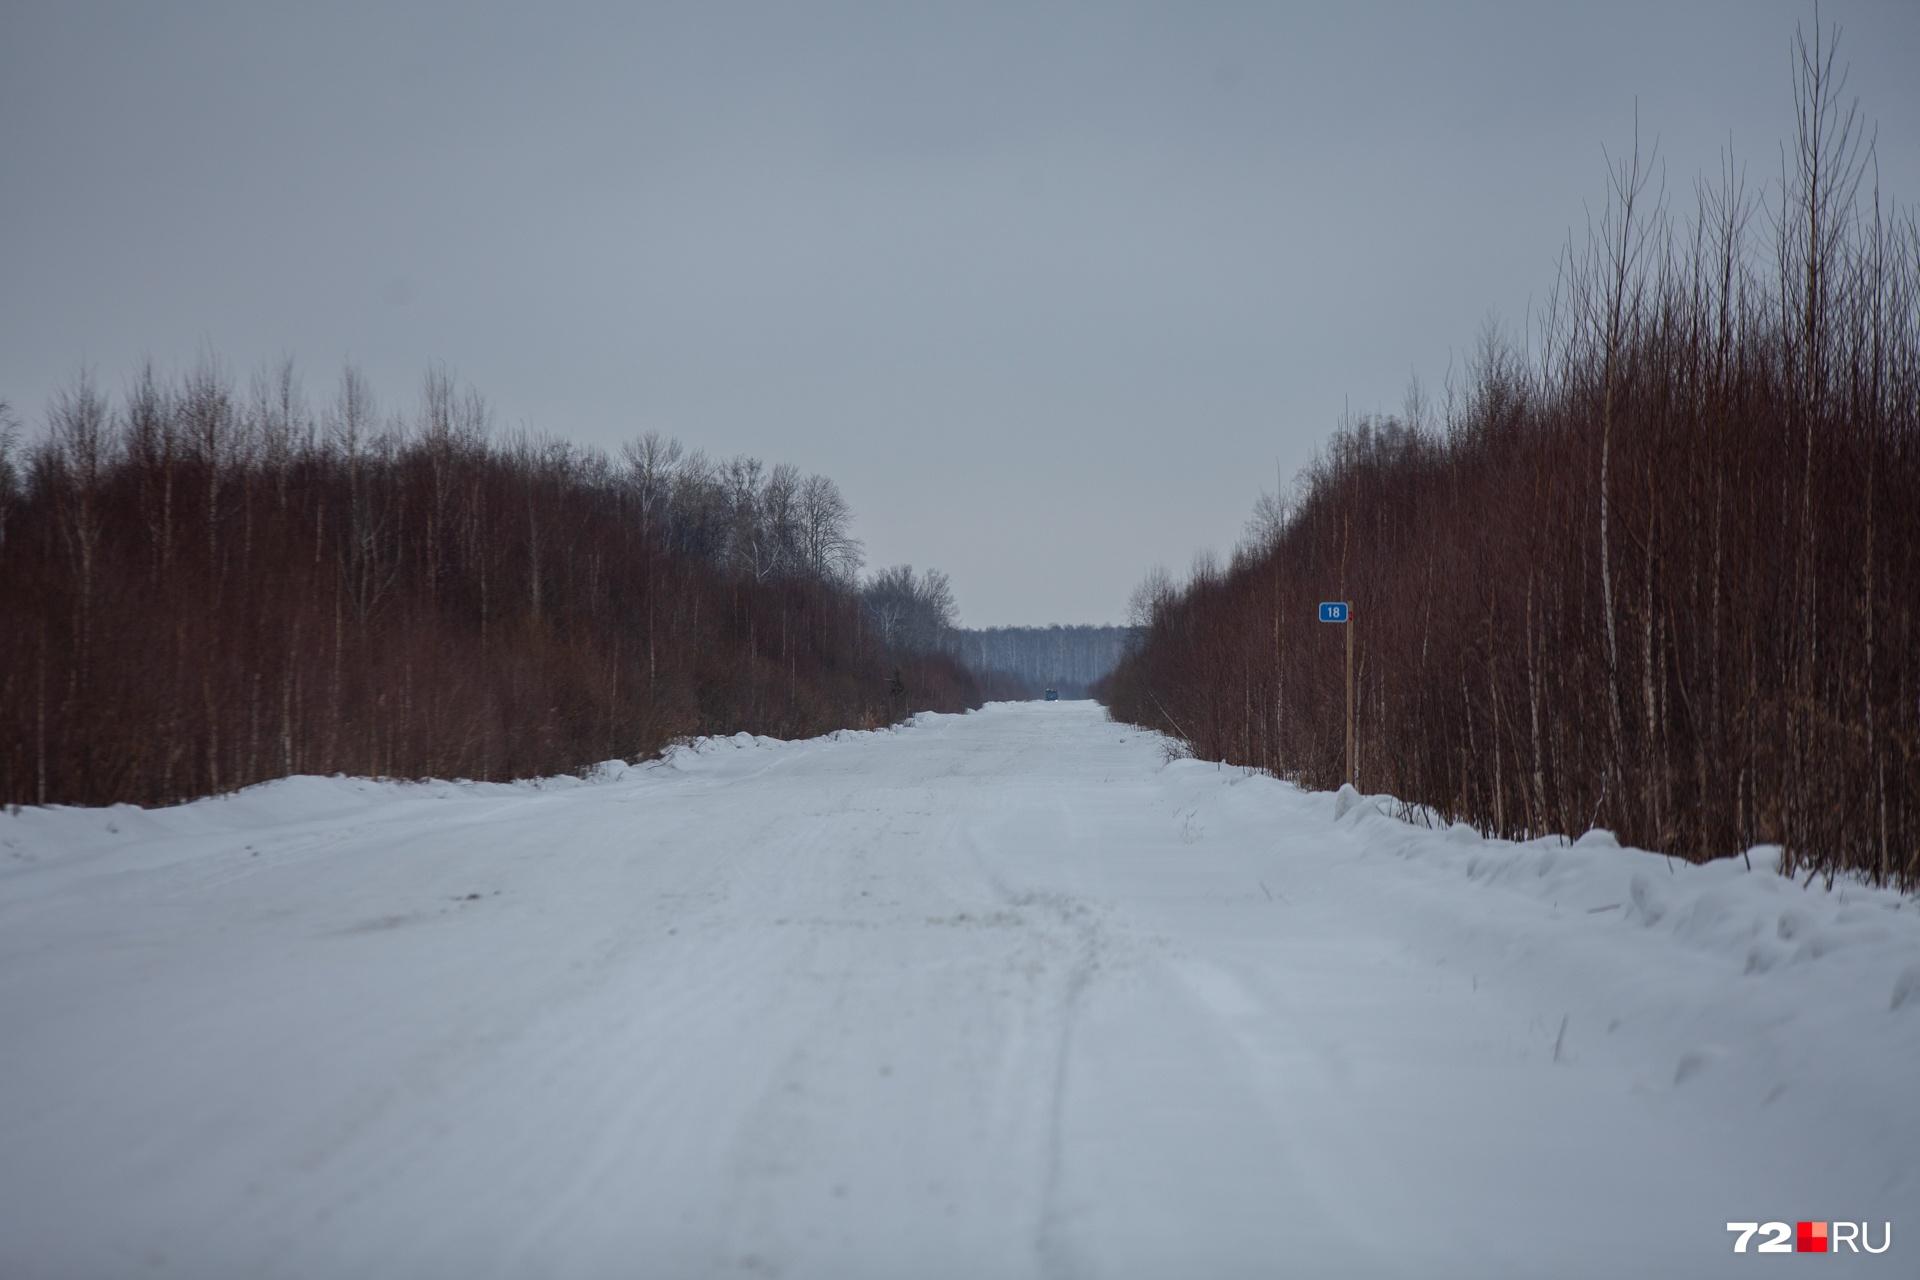 Дальняя дорога ведет в Кускургуль: она проходит между болот, а иногда и по ним